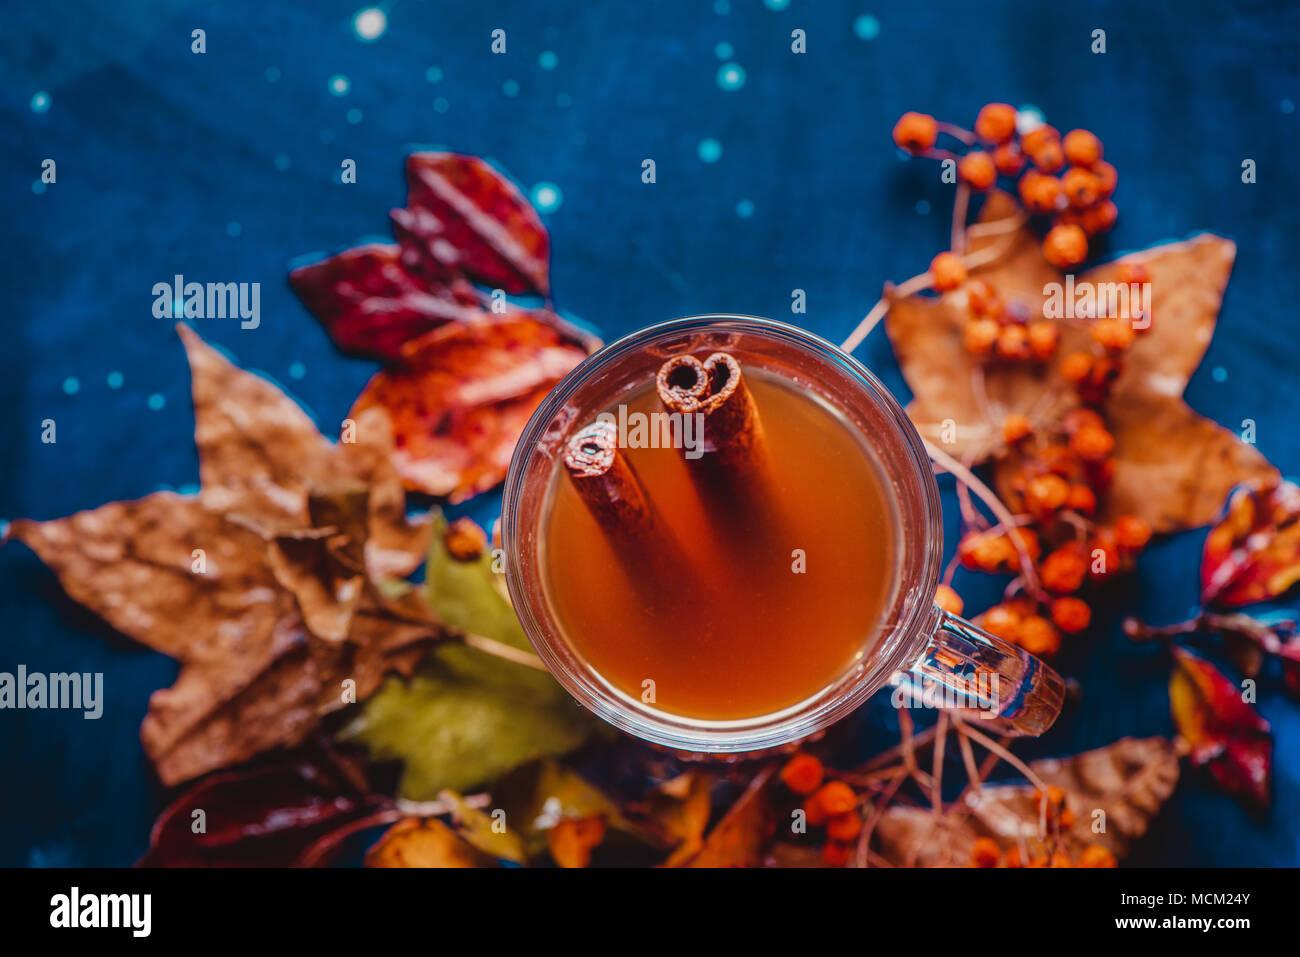 Cinnamon Tea sentar planas con las hojas caídas. Taza de Té de cristal sobre un fondo de madera húmeda con espacio de copia. Otoño bodegón con bebidas herbales. Imagen De Stock